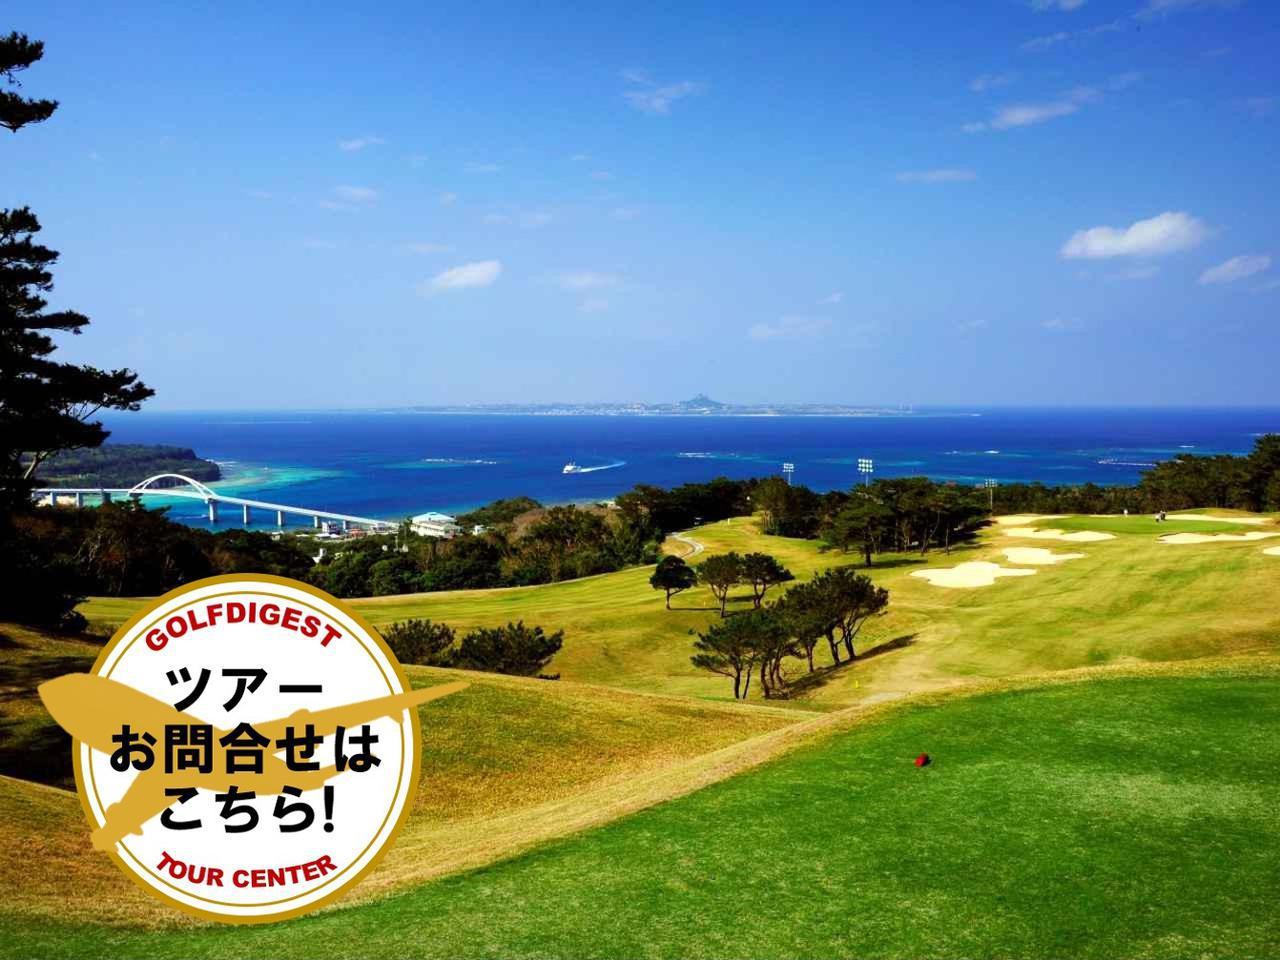 画像1: 【沖縄・リゾートステイ】ツーサムOK! ベルビーチGC、かねひで喜瀬CCで南国ゴルフ満喫 3日間 2プレー - ゴルフへ行こうWEB by ゴルフダイジェスト